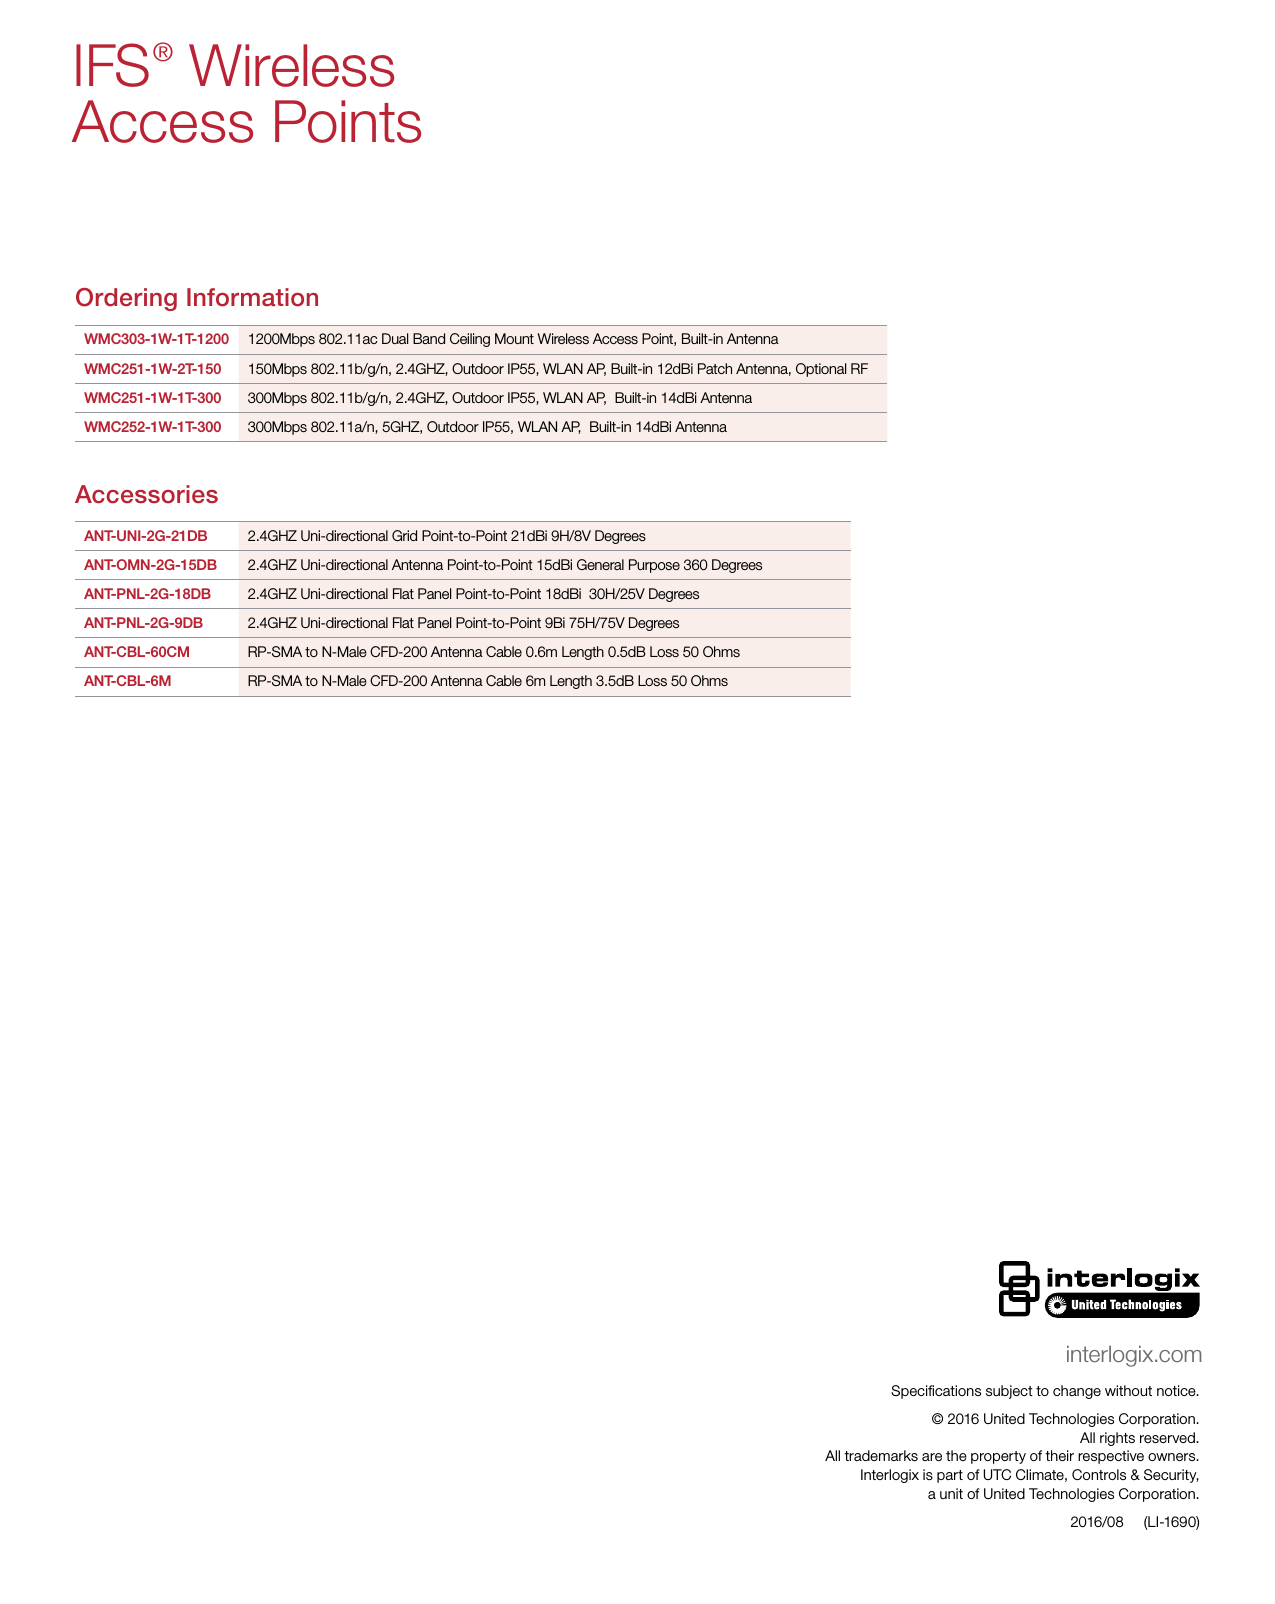 InterLogix Li 1690 Ifs Wireless Access Ds Web Data Sheet M5